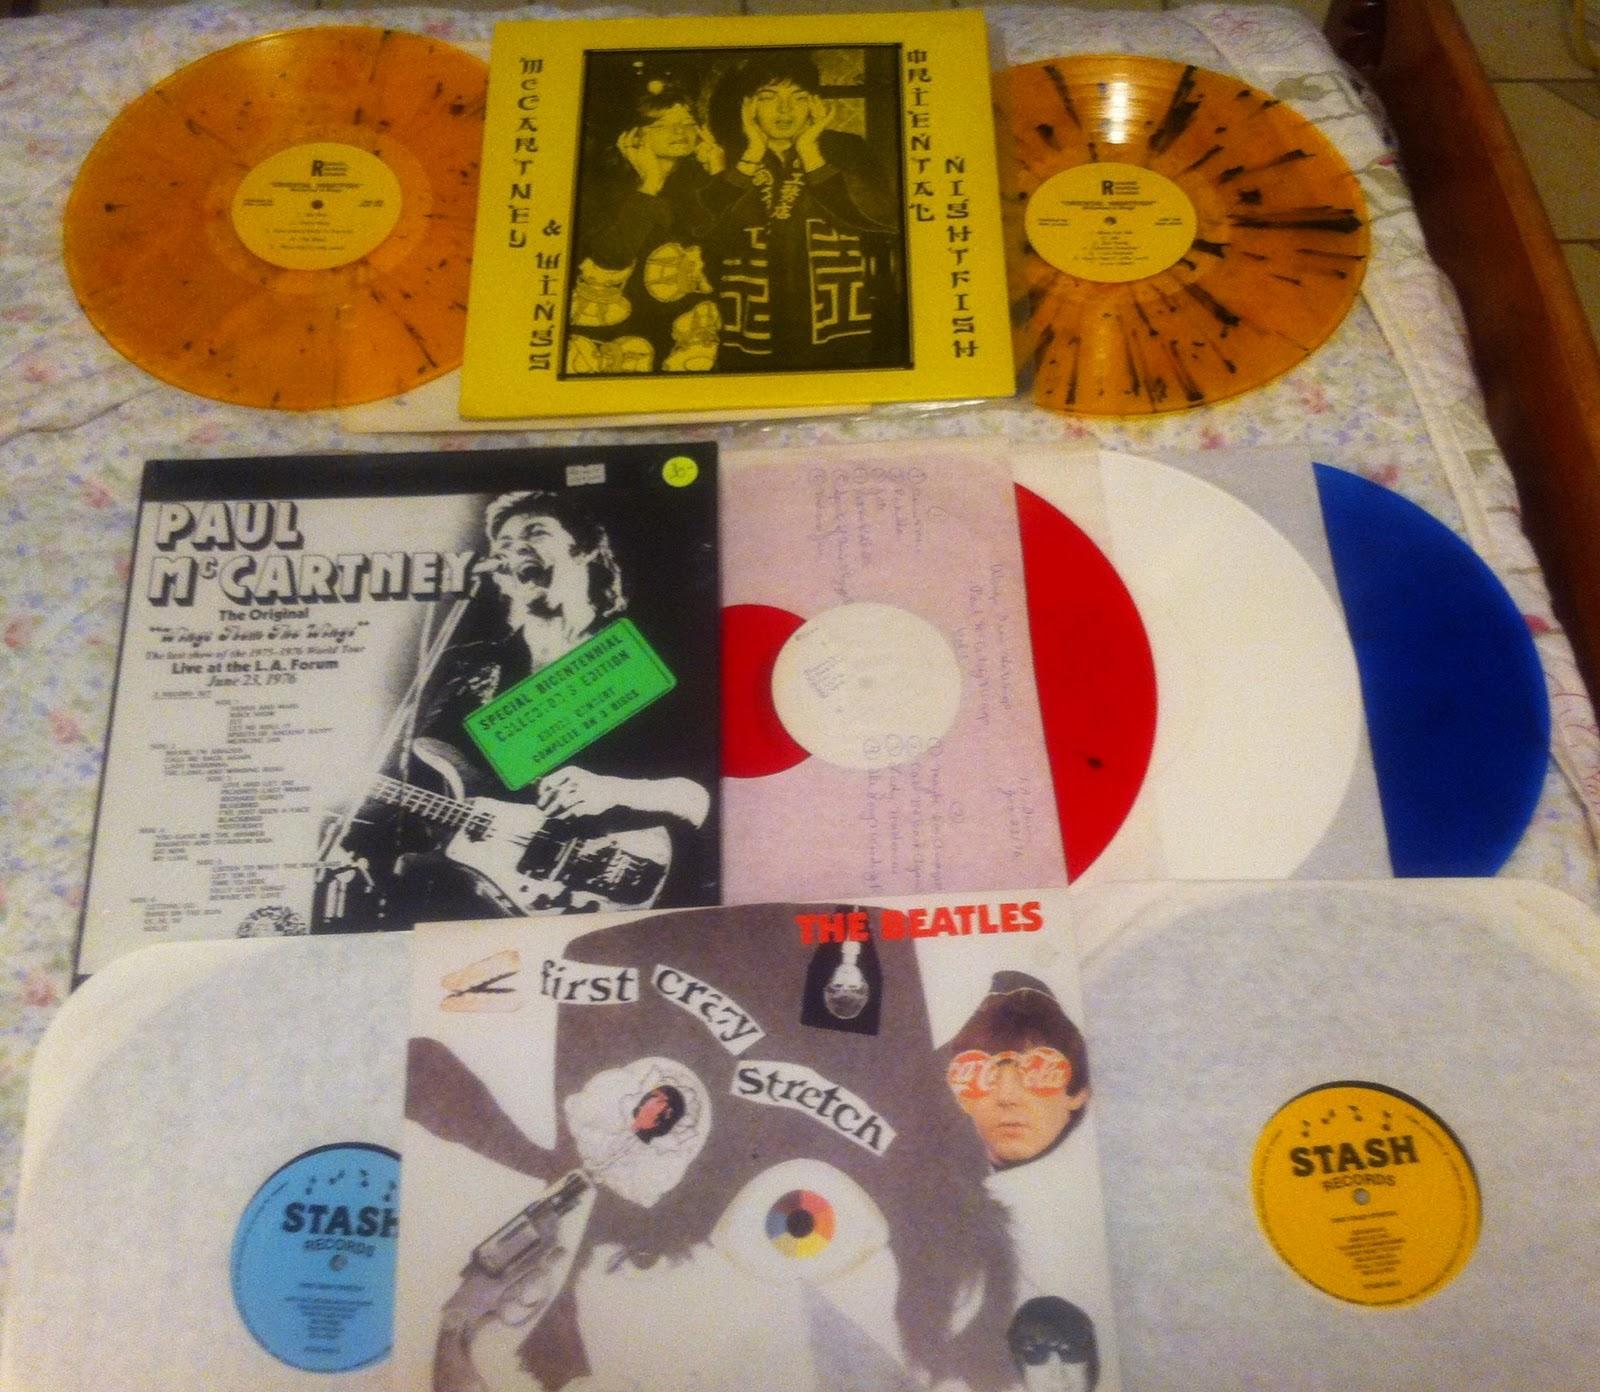 Maritime Vinyl: Pictures of Keltie's LP's!